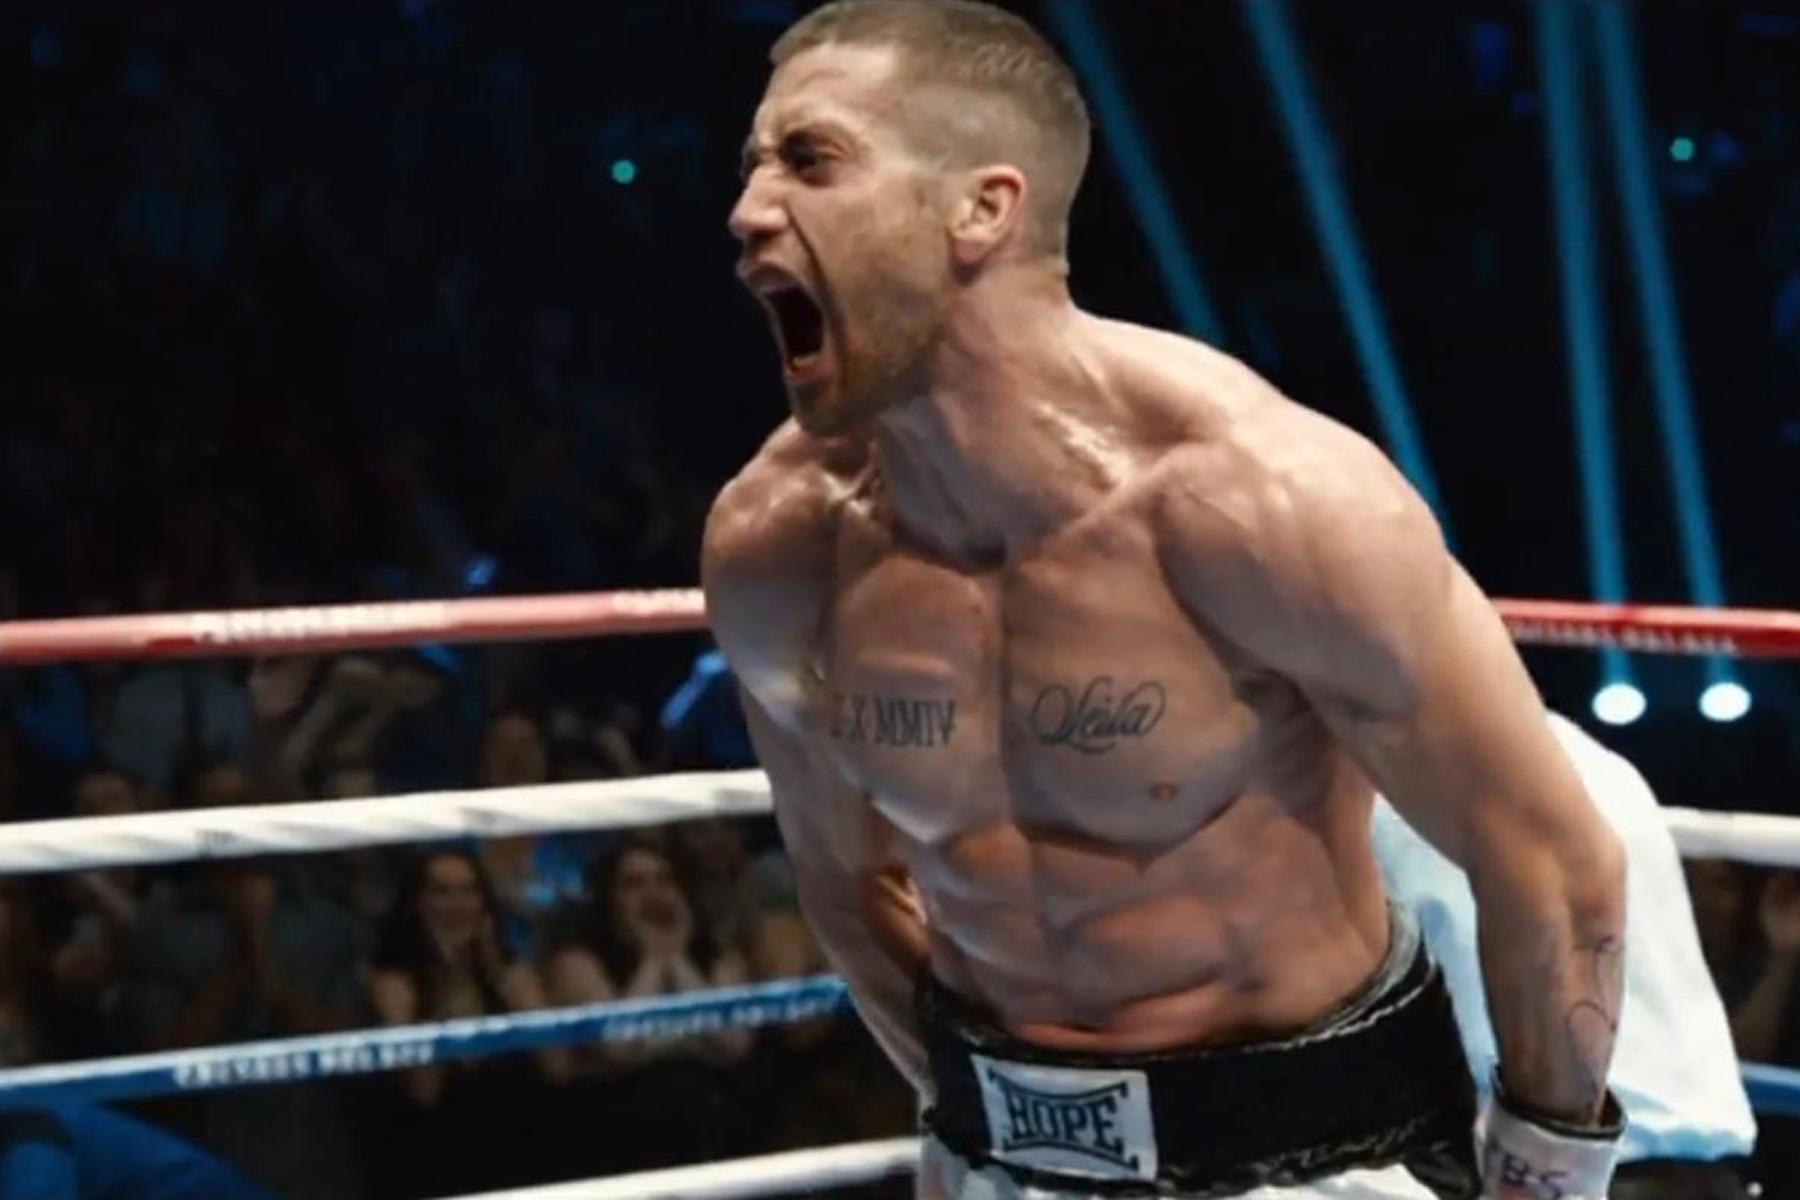 Härter geht's kaum: Hollywoodstar Jake Gyllenhaal hat seinem Körper Einiges für die Rolle als Boxkämpfer Billy Hope zugemutet und damit seinen Körper extrem verändert.